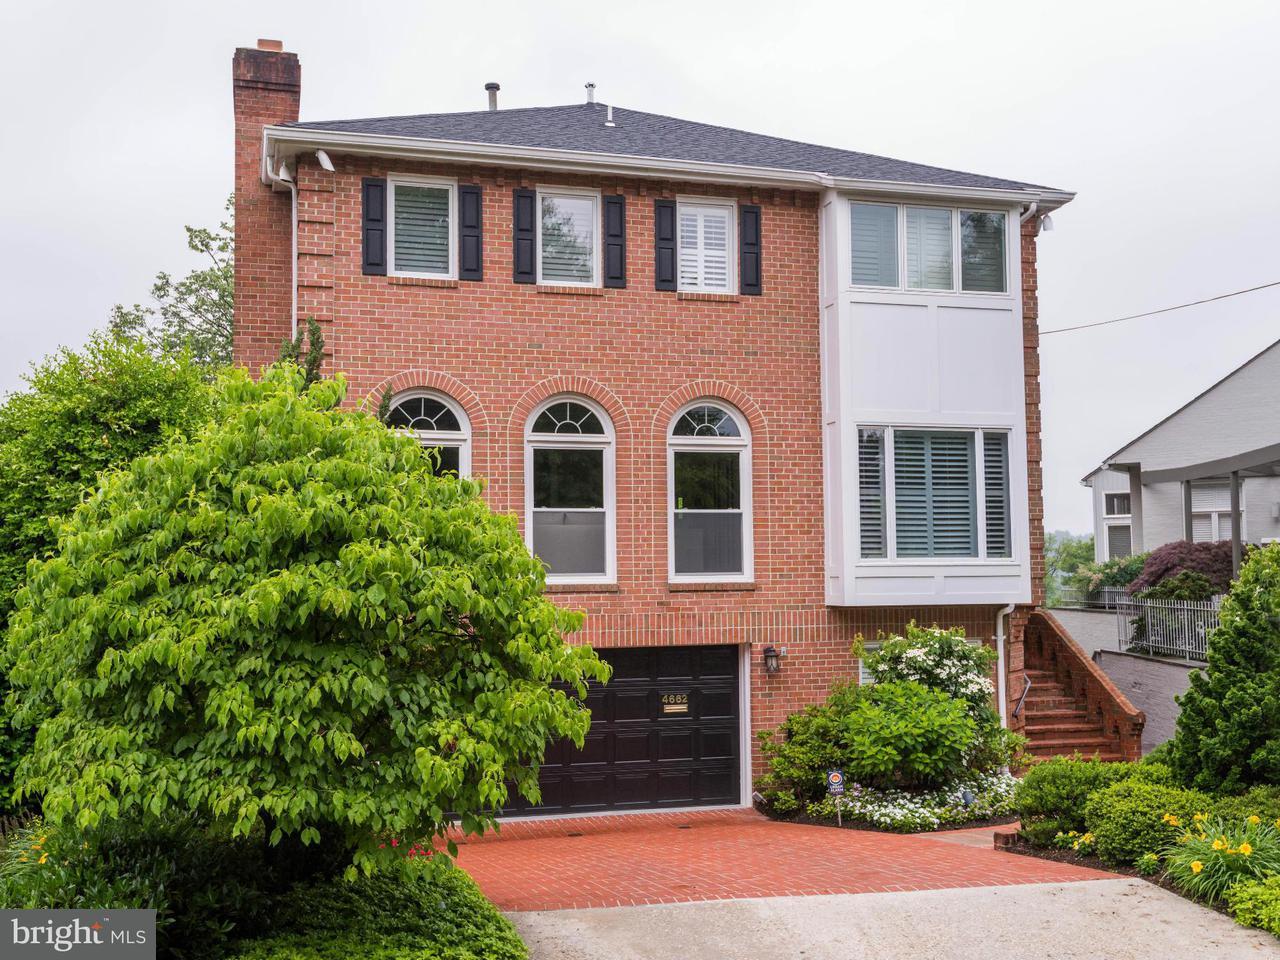 Maison unifamiliale pour l Vente à 4662 CHARLESTON TER NW 4662 CHARLESTON TER NW Washington, District De Columbia 20007 États-Unis